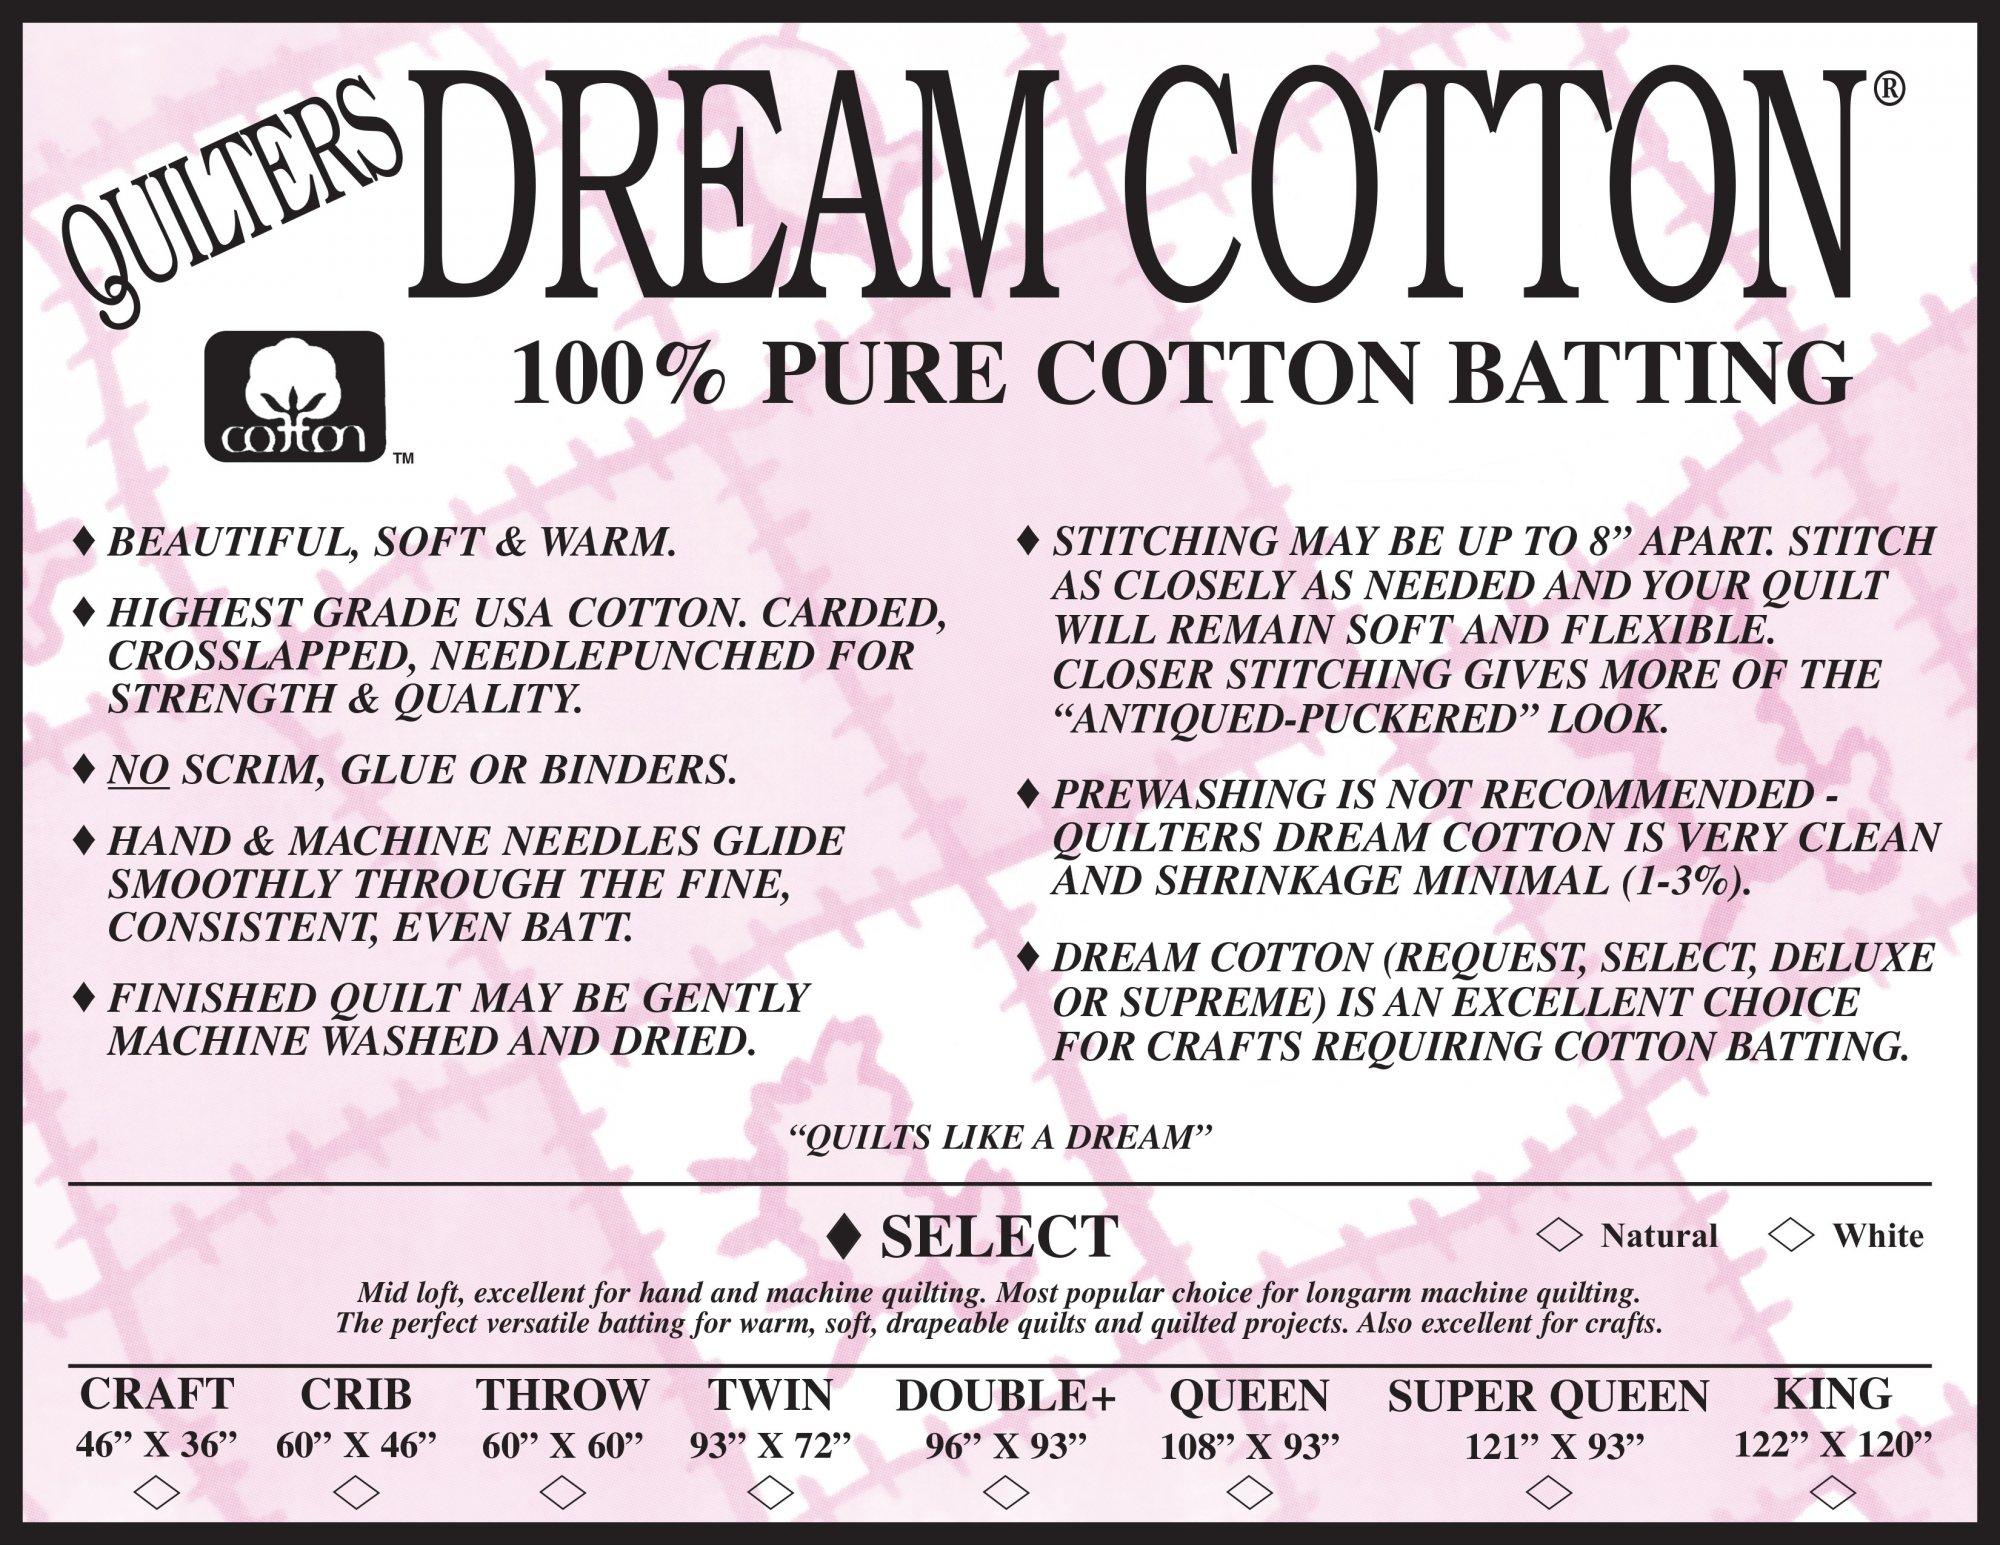 Natural Select Crib Batting